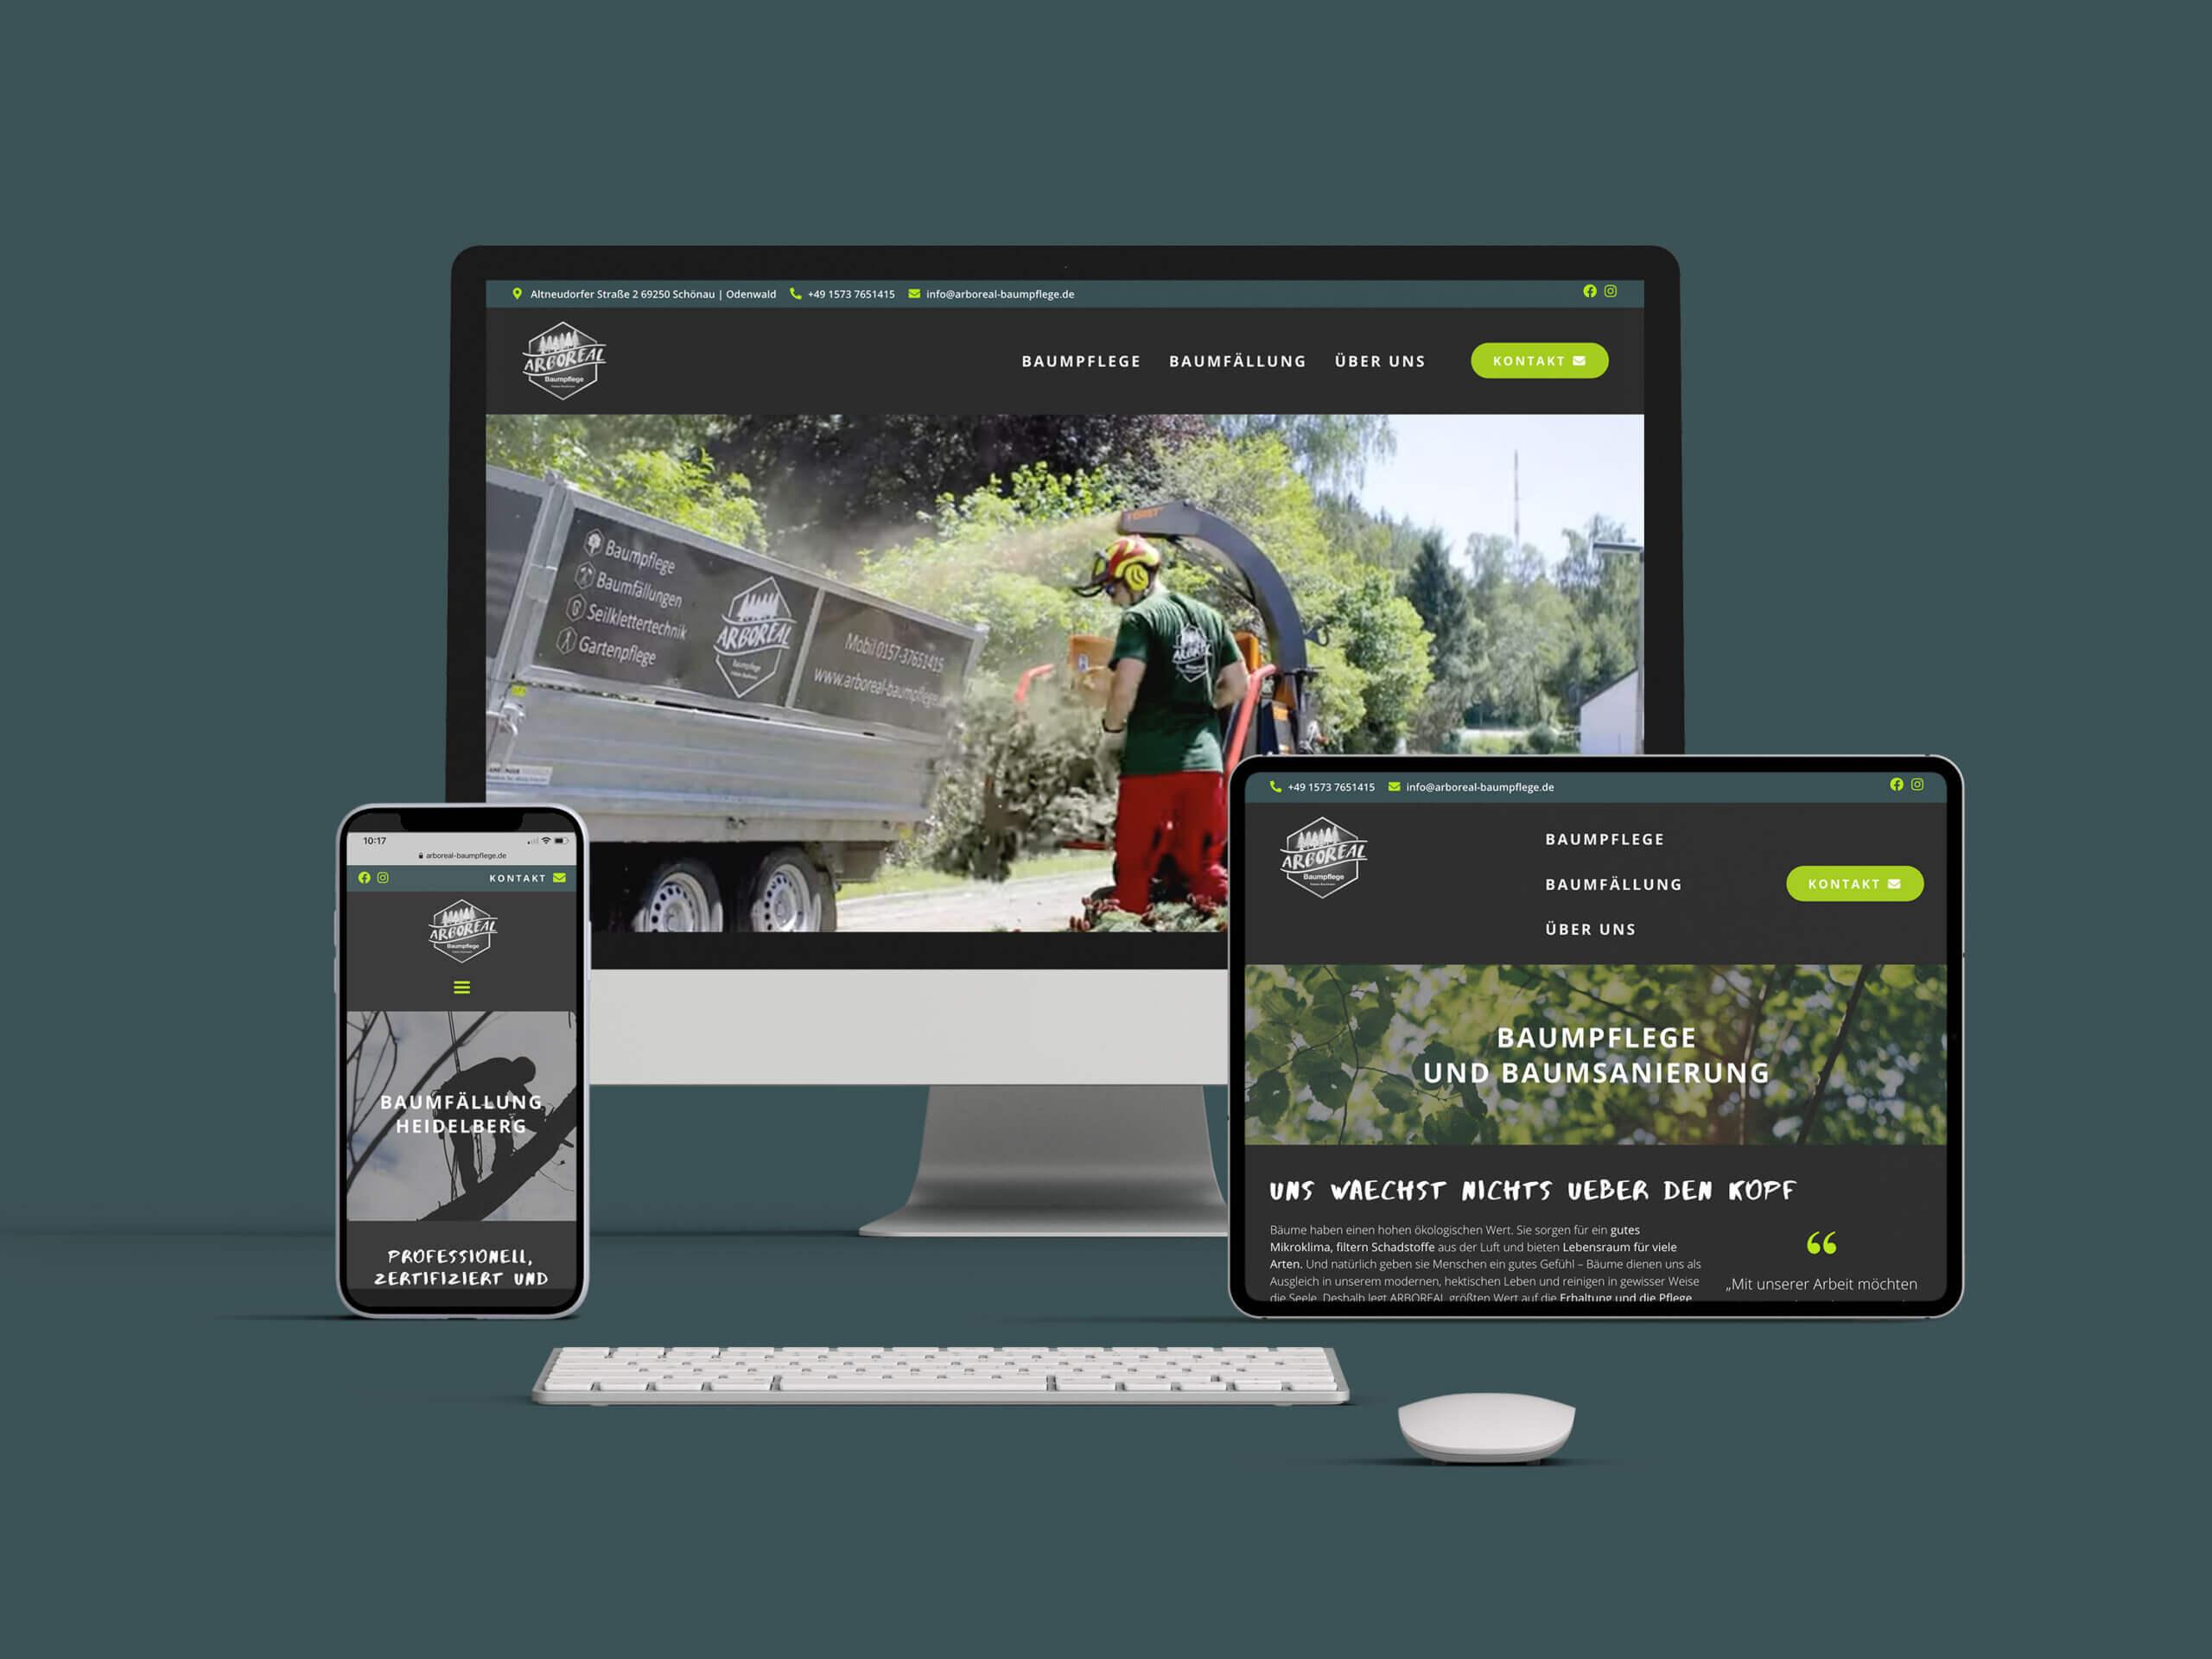 arboreal webauftritt